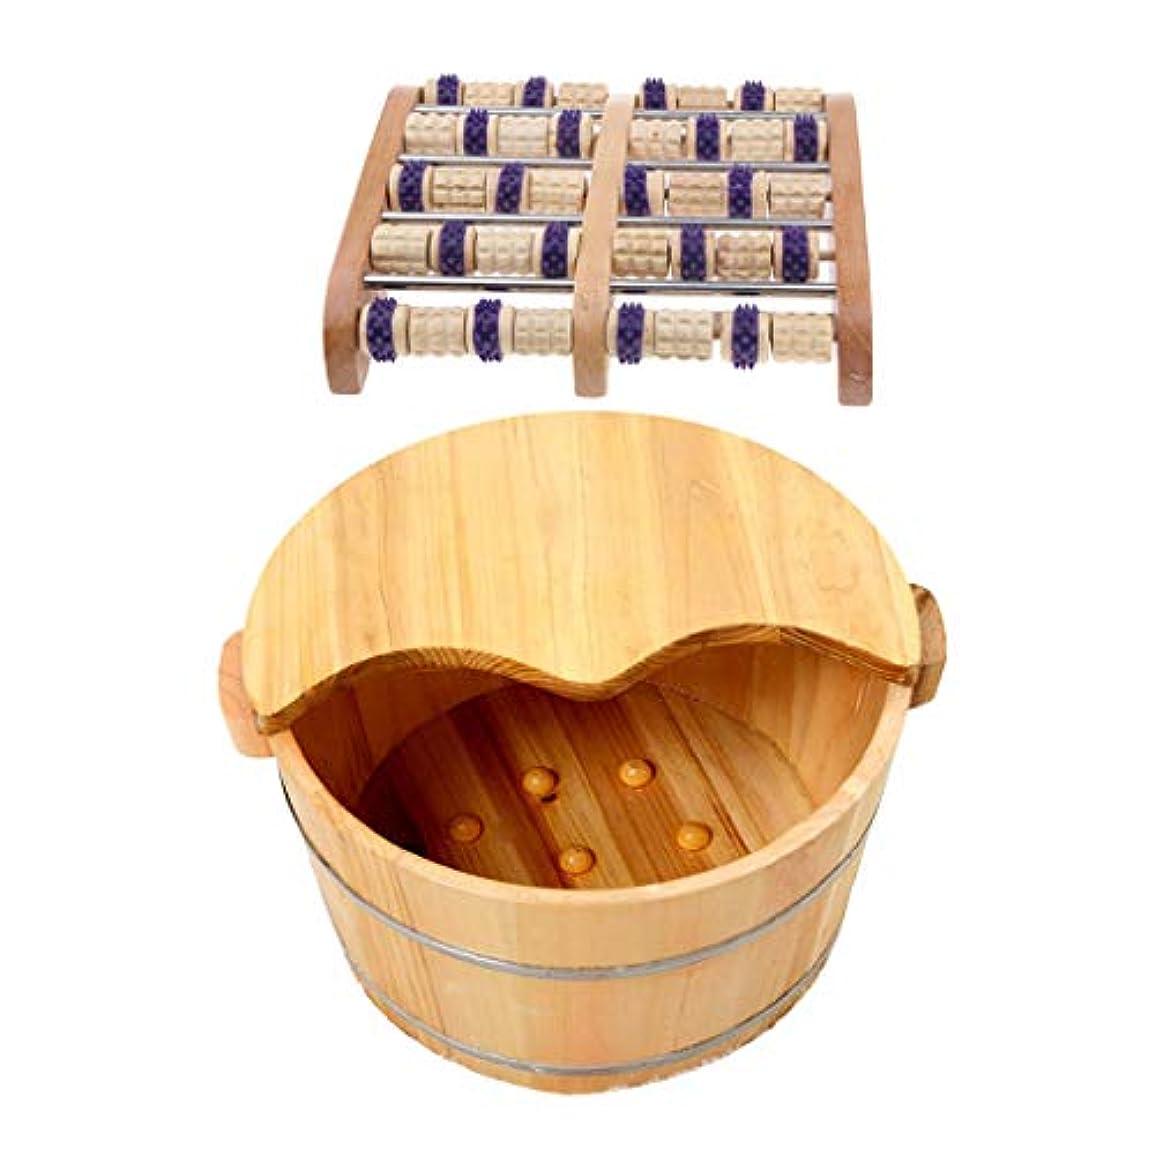 受け入れ主フロントFenteer 足つぼマッサージ 手作りウッドマッサー フット ローラー 足裏刺激 血行促進 木製の足の洗面台付き